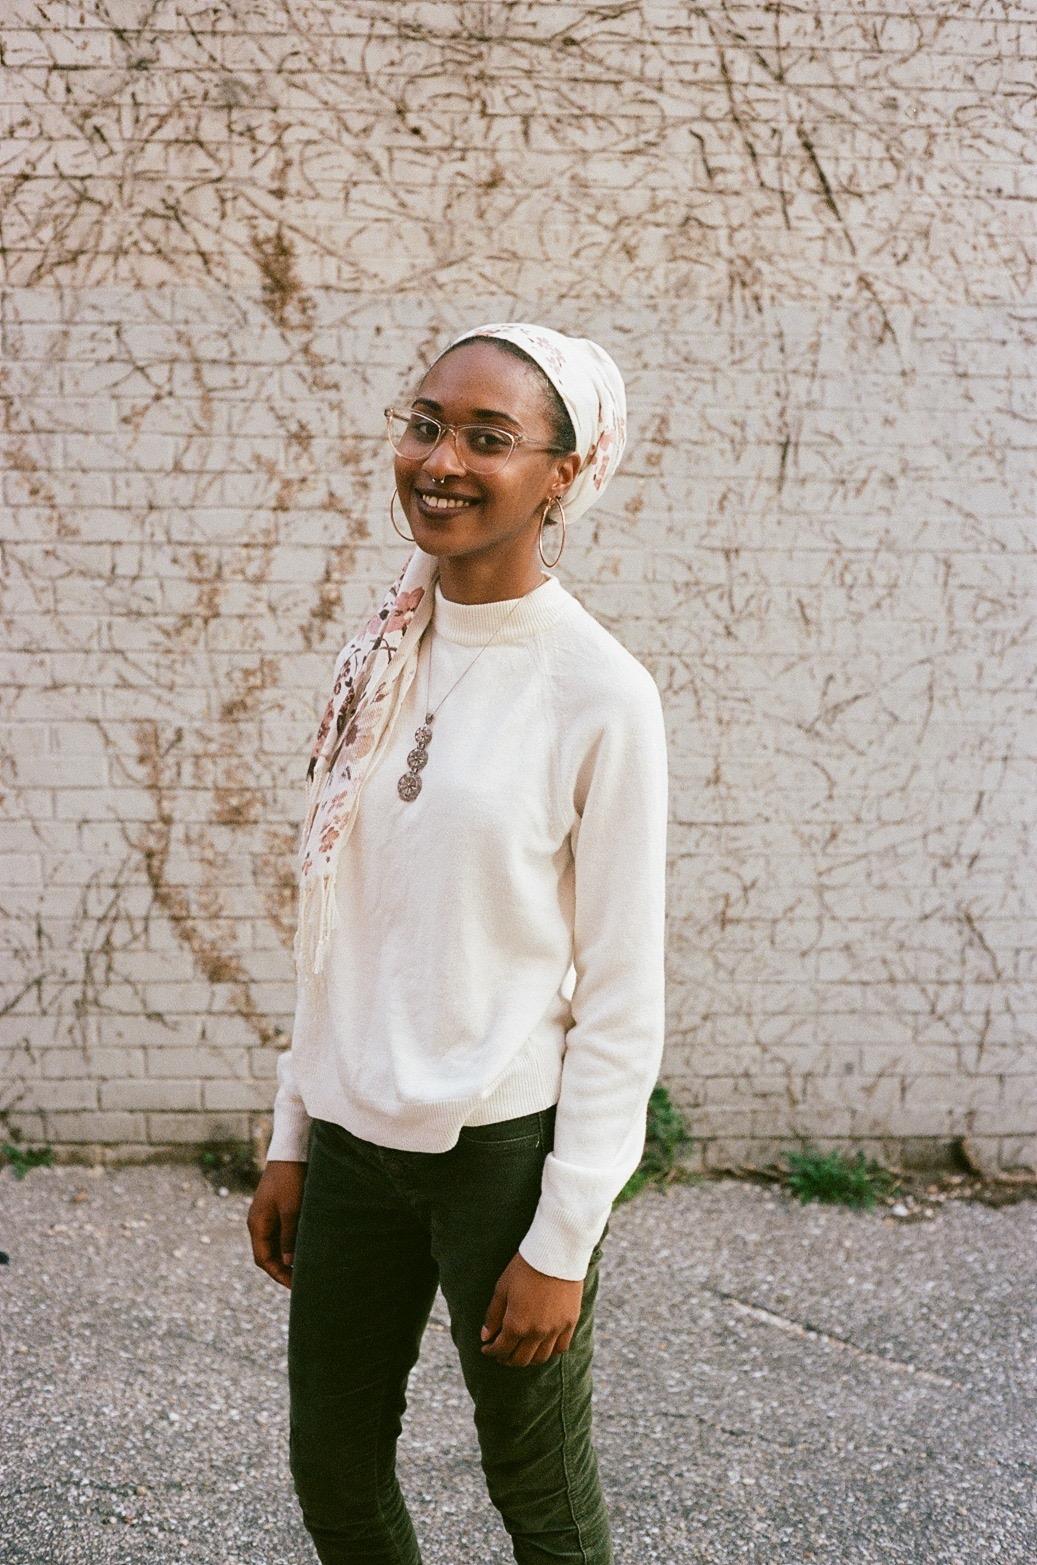 Safiyah Cheatam